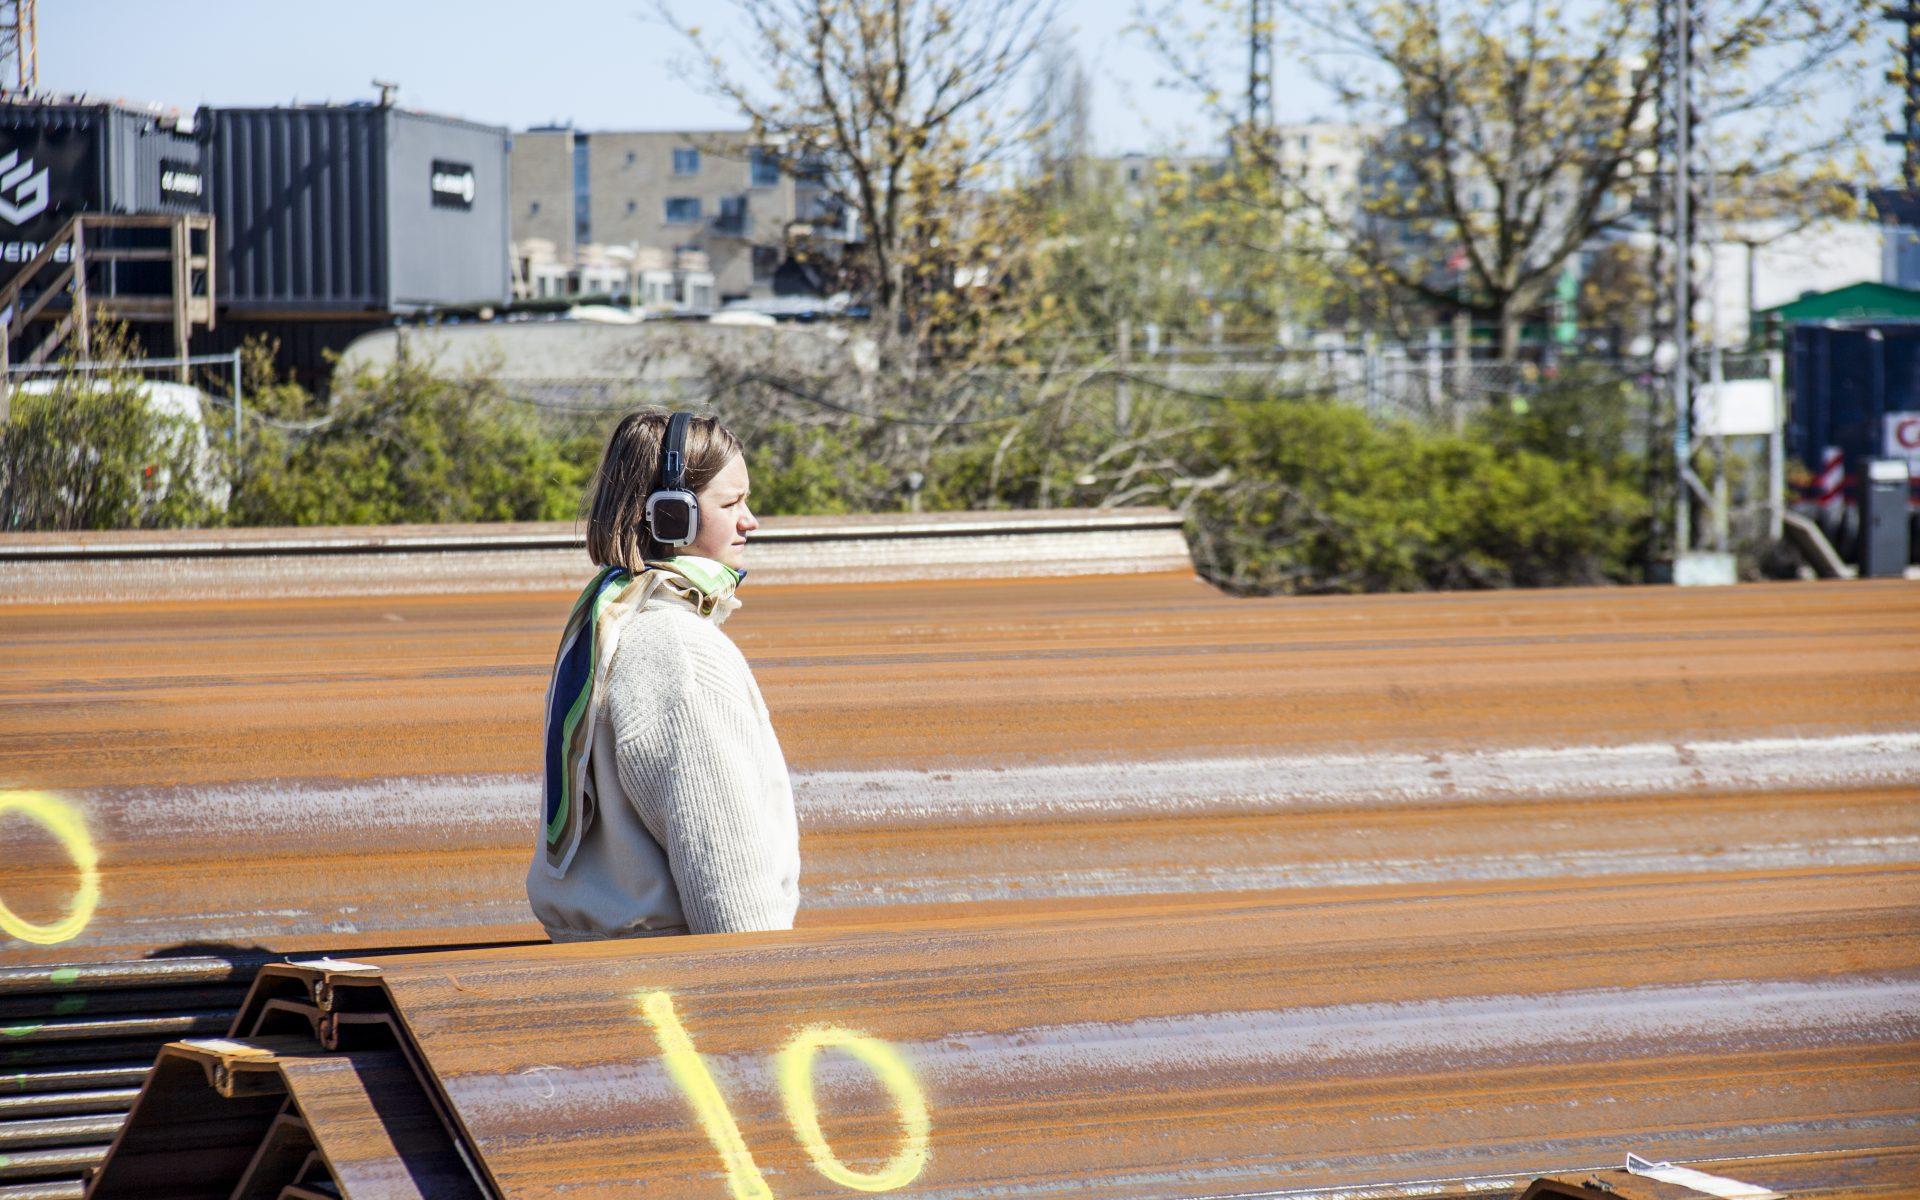 kulturhavn365_teglholmen-i-forvandling02